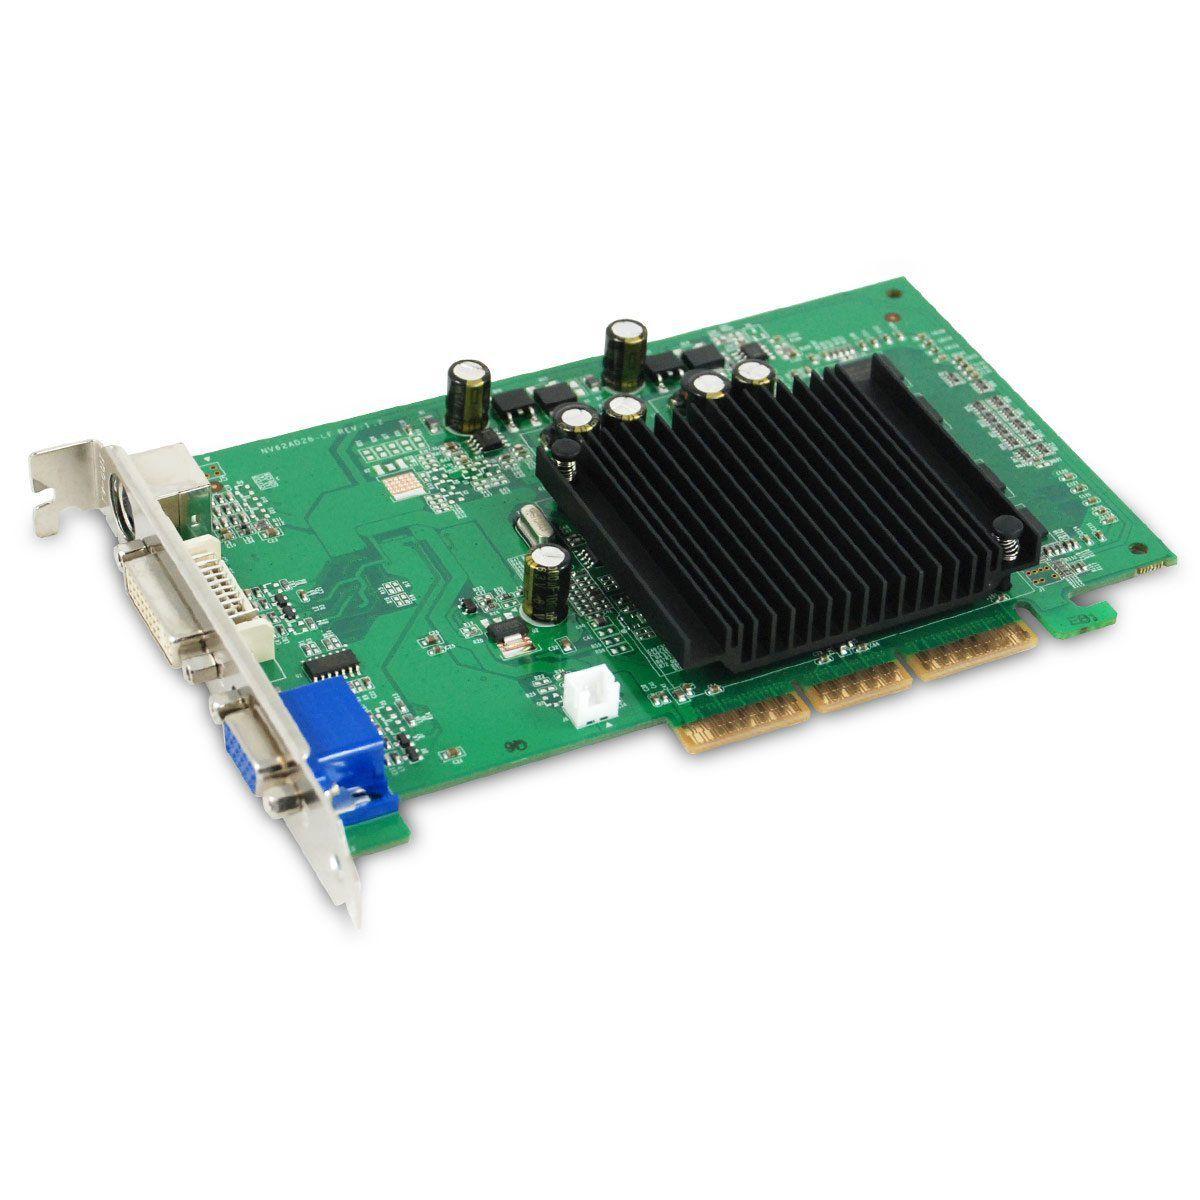 Geforce 6200 windows 10 driver